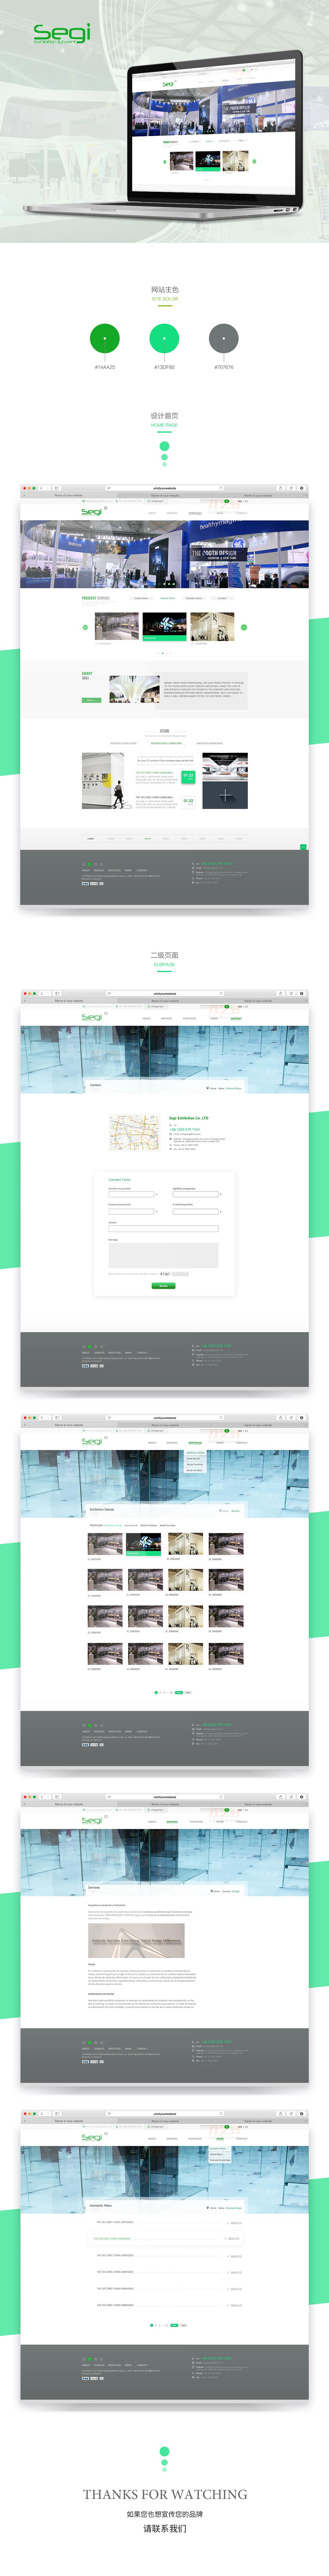 网站建设案例之视计展览公司网站